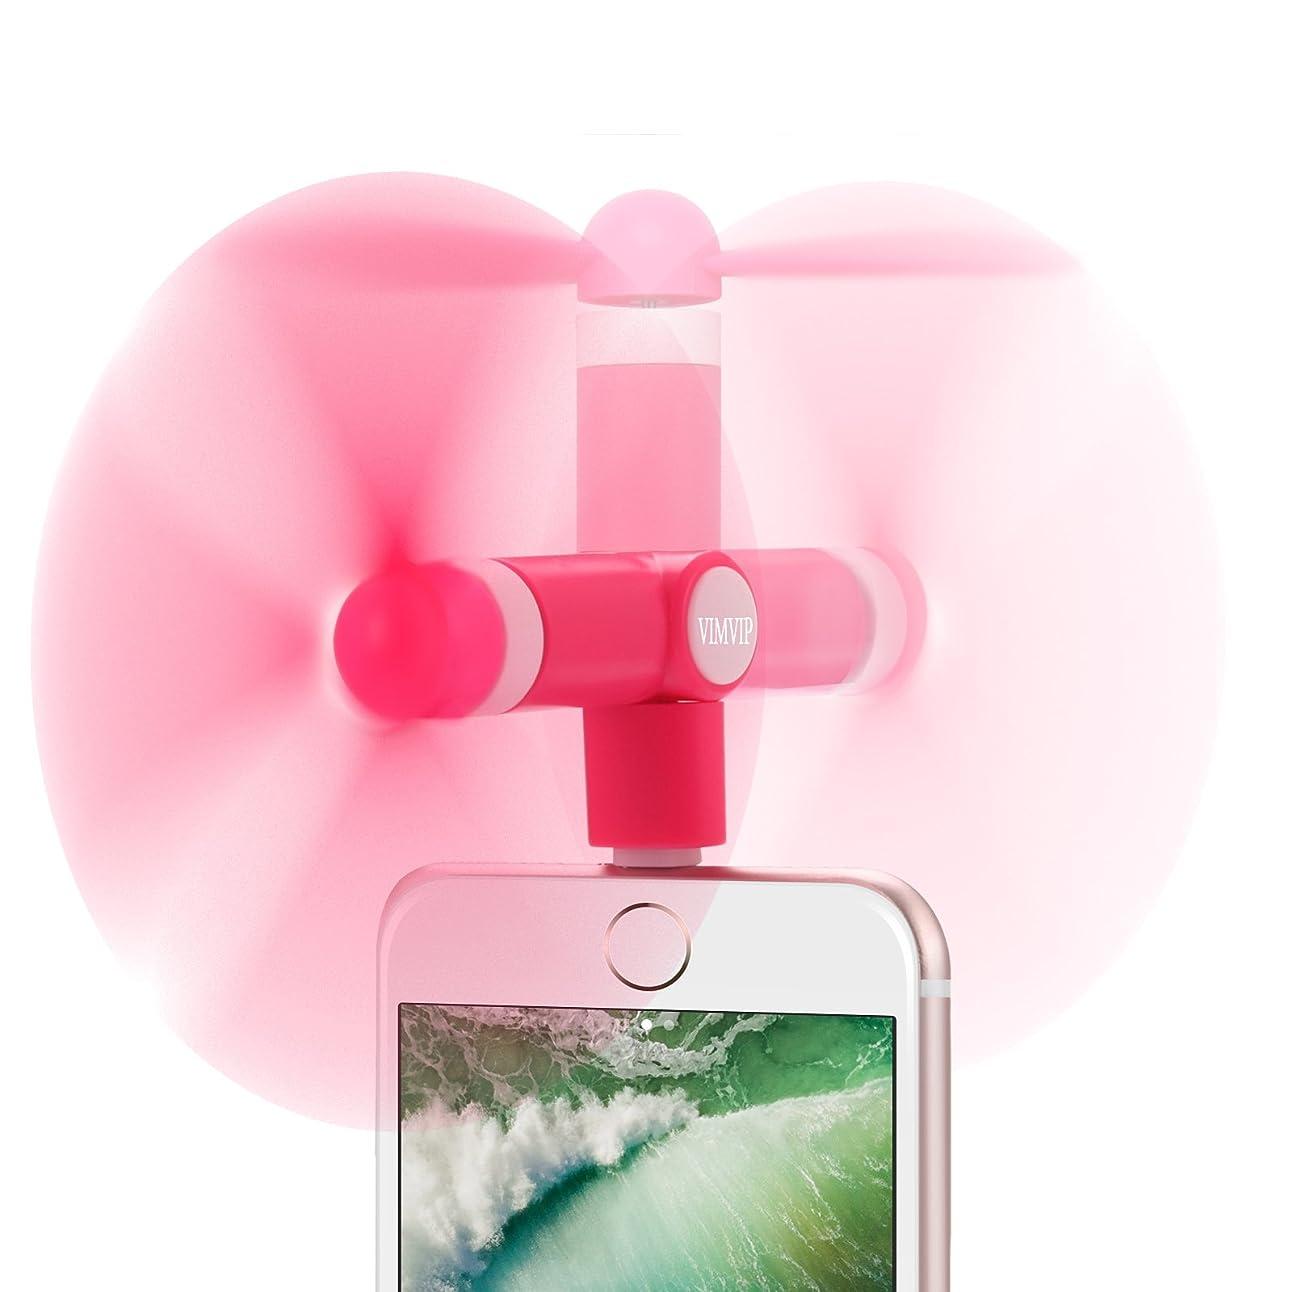 オートメーションスポンジ柔らかい足スマホ用携帯扇風機 180度回る?ミニファン VIMVIP ?iPhone扇風機 持ち運べる小型扇風機 Mini Fan 8 Pin Lightning [180 Rotating ] 環境保護材料 超小型ポータブル 外出 携帯式 免充電 静音 超軽量 小型扇風機 モバイルファン 収納便利 手持ち? iPhoneX/XR/XS/8/8?Plus/iPhone 7 / 7 Plus/ 6S Plus / 6S / 6 / 5S / 5 / iPod Touch ,iPad,?iPod 対応  (レッド)